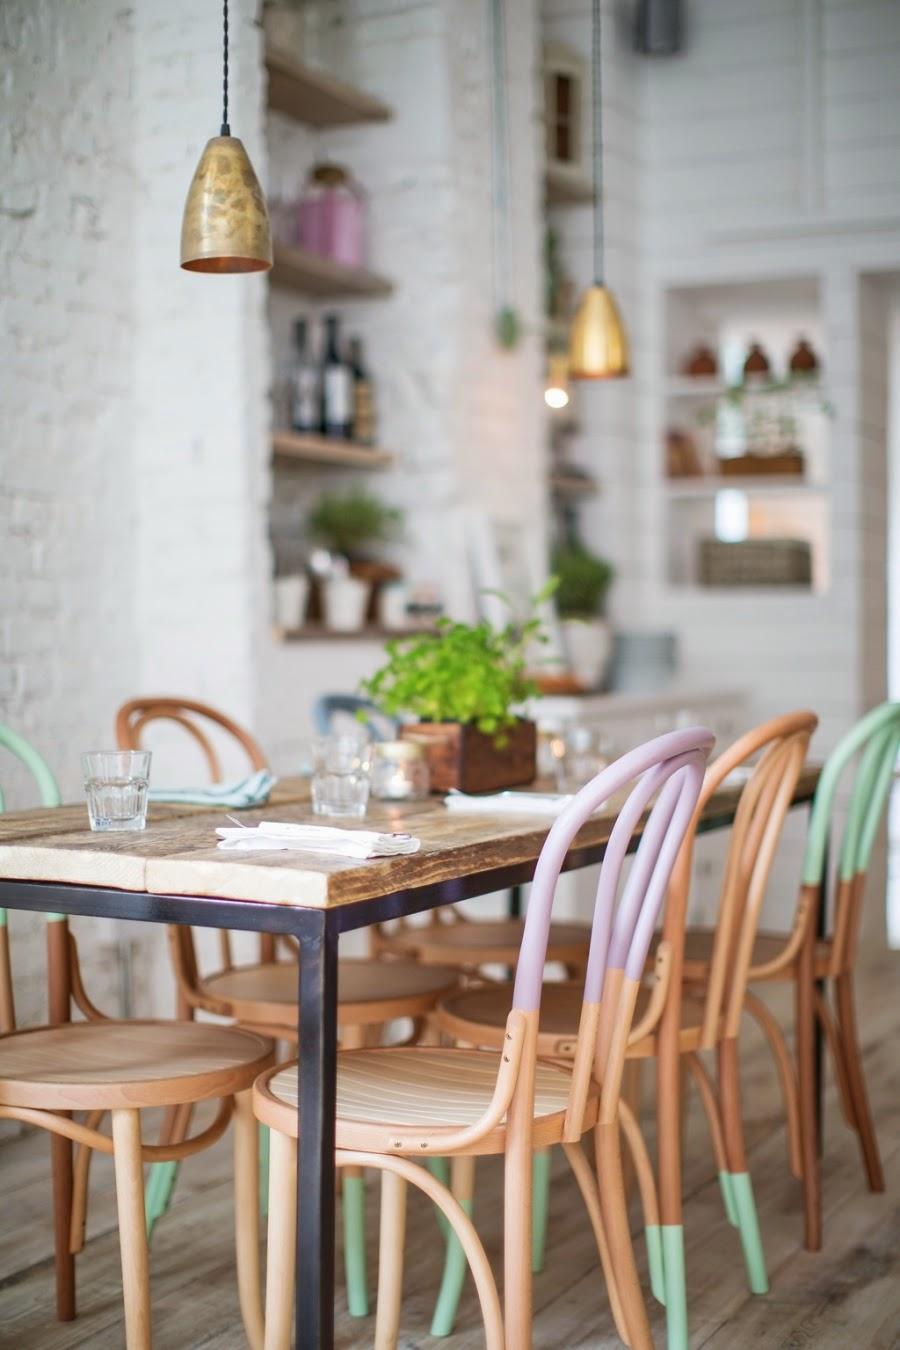 dom, wnętrza, wystrój wnętrz, home, decor, kawiarnia, jadalnia, bar, kuchnia, lampa